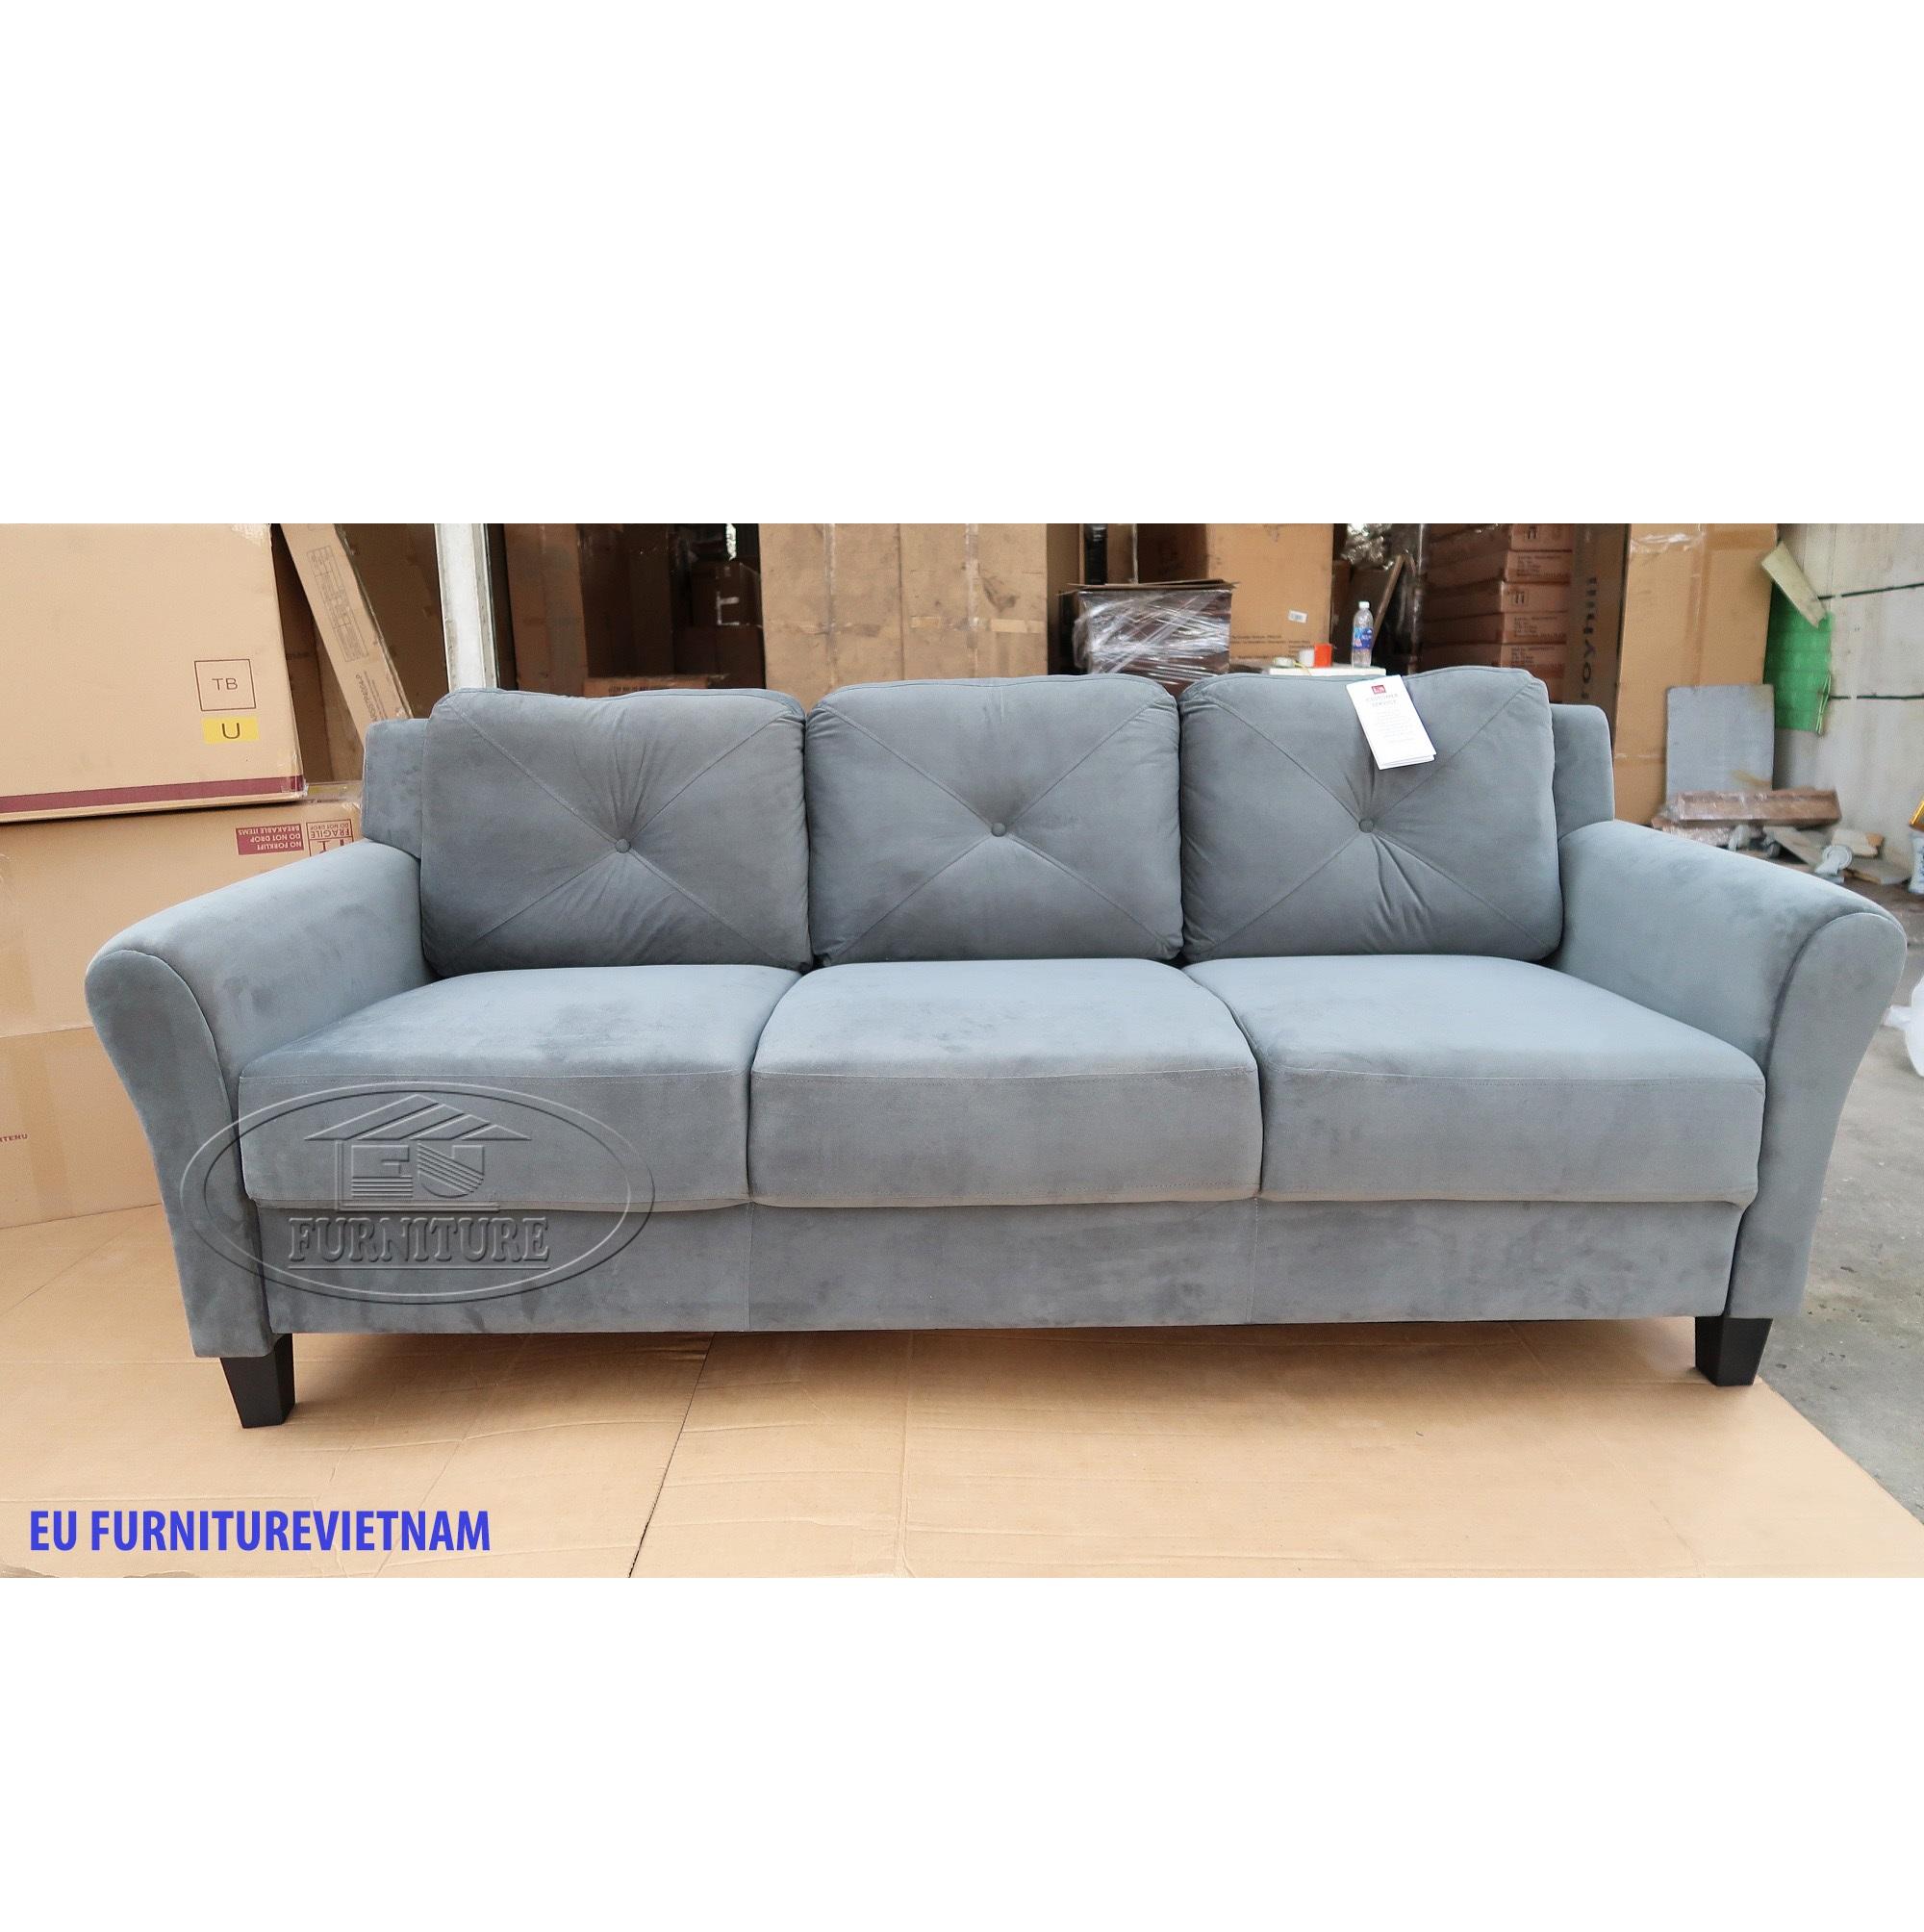 sofa xám 3 chỗ thanh lý